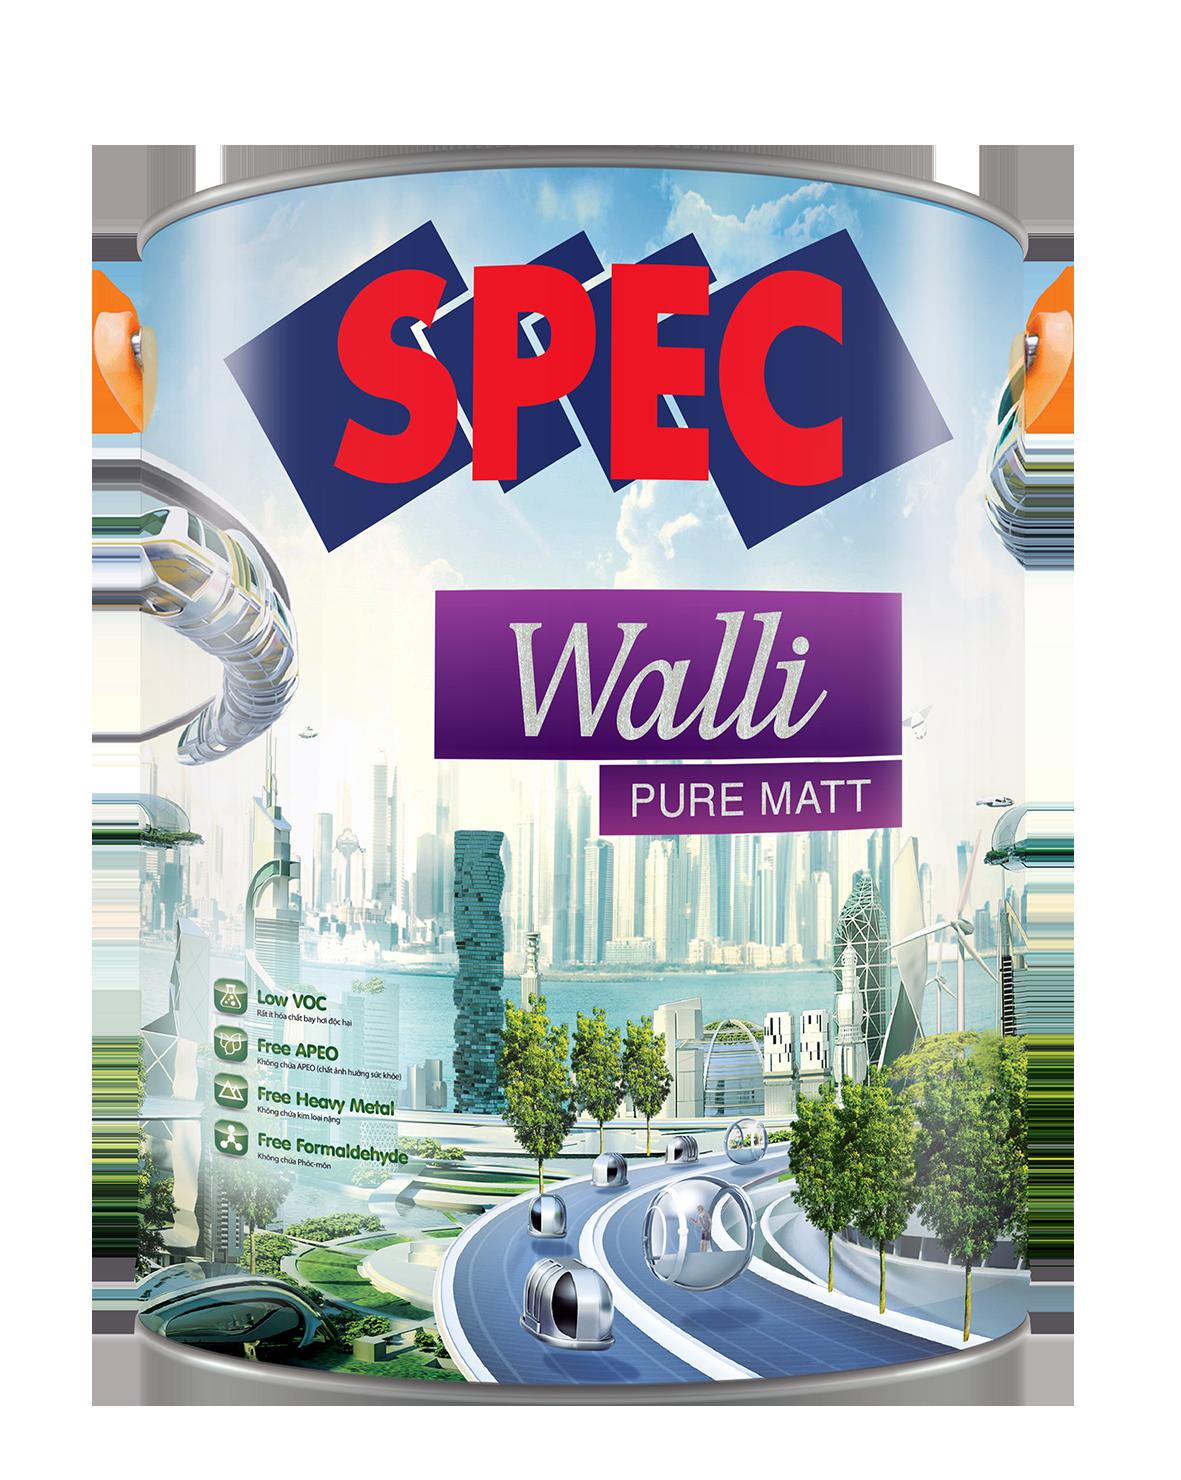 SPEC WALLI PURE MATT